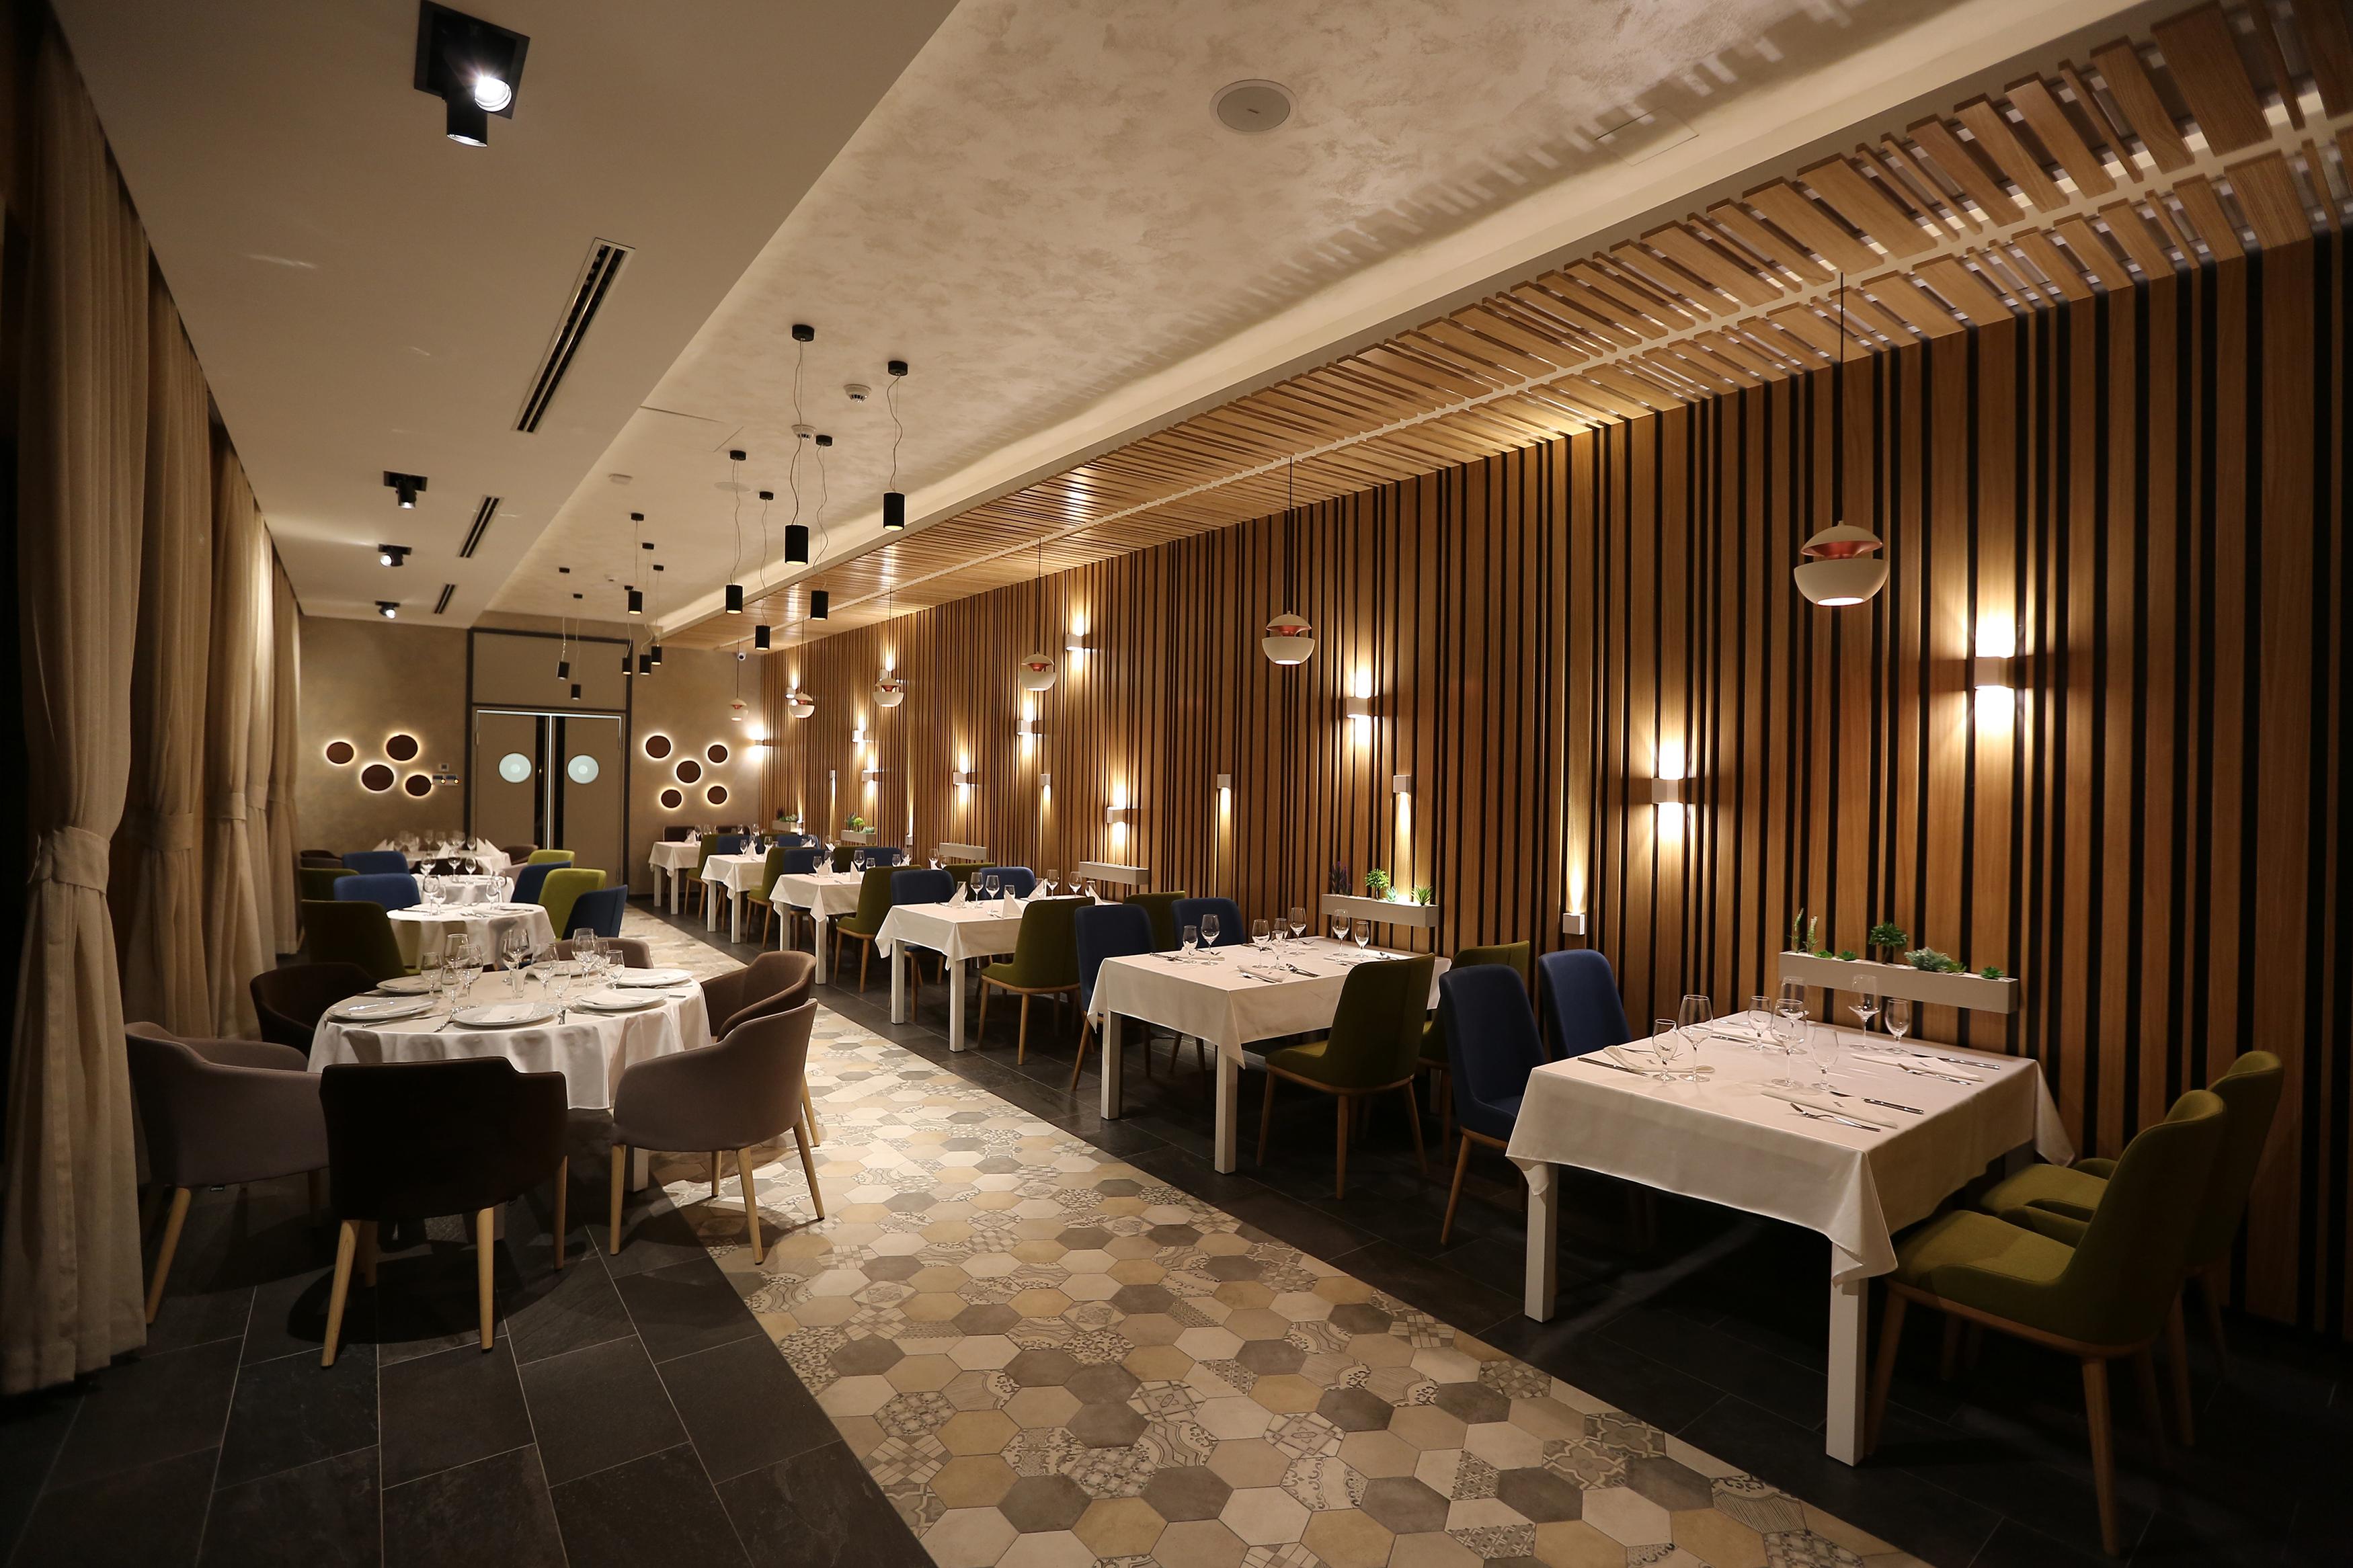 Restoran Onogošt